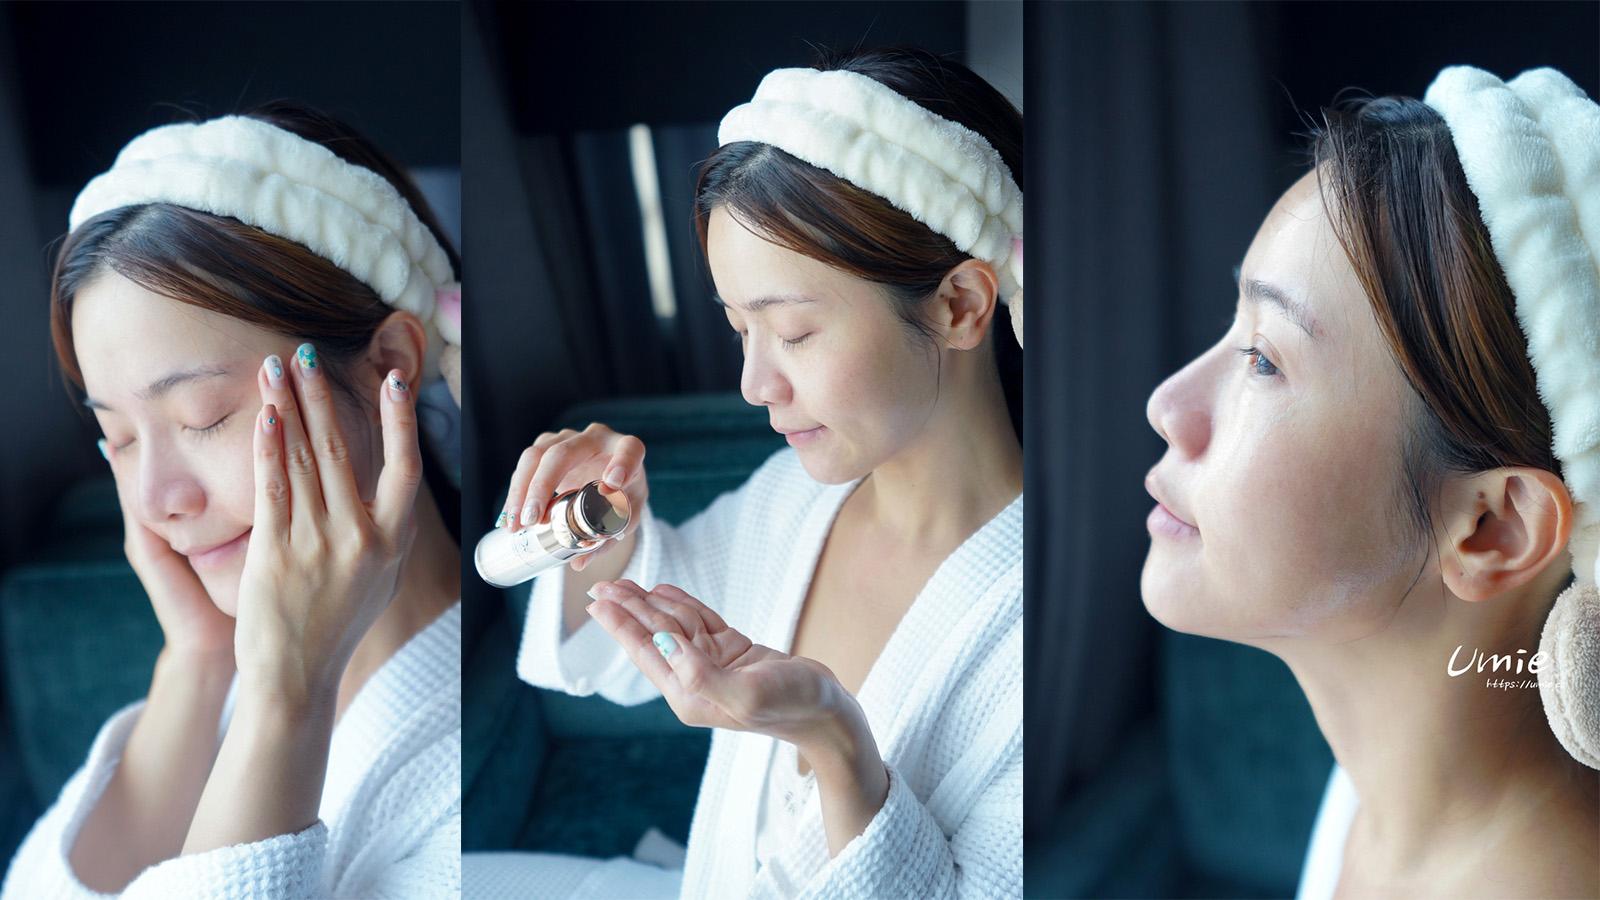 DV童齡露 |日本原裝進口|冰原活萃撫紋修護露,拒絕肌膚老化、趕走乾燥細紋!